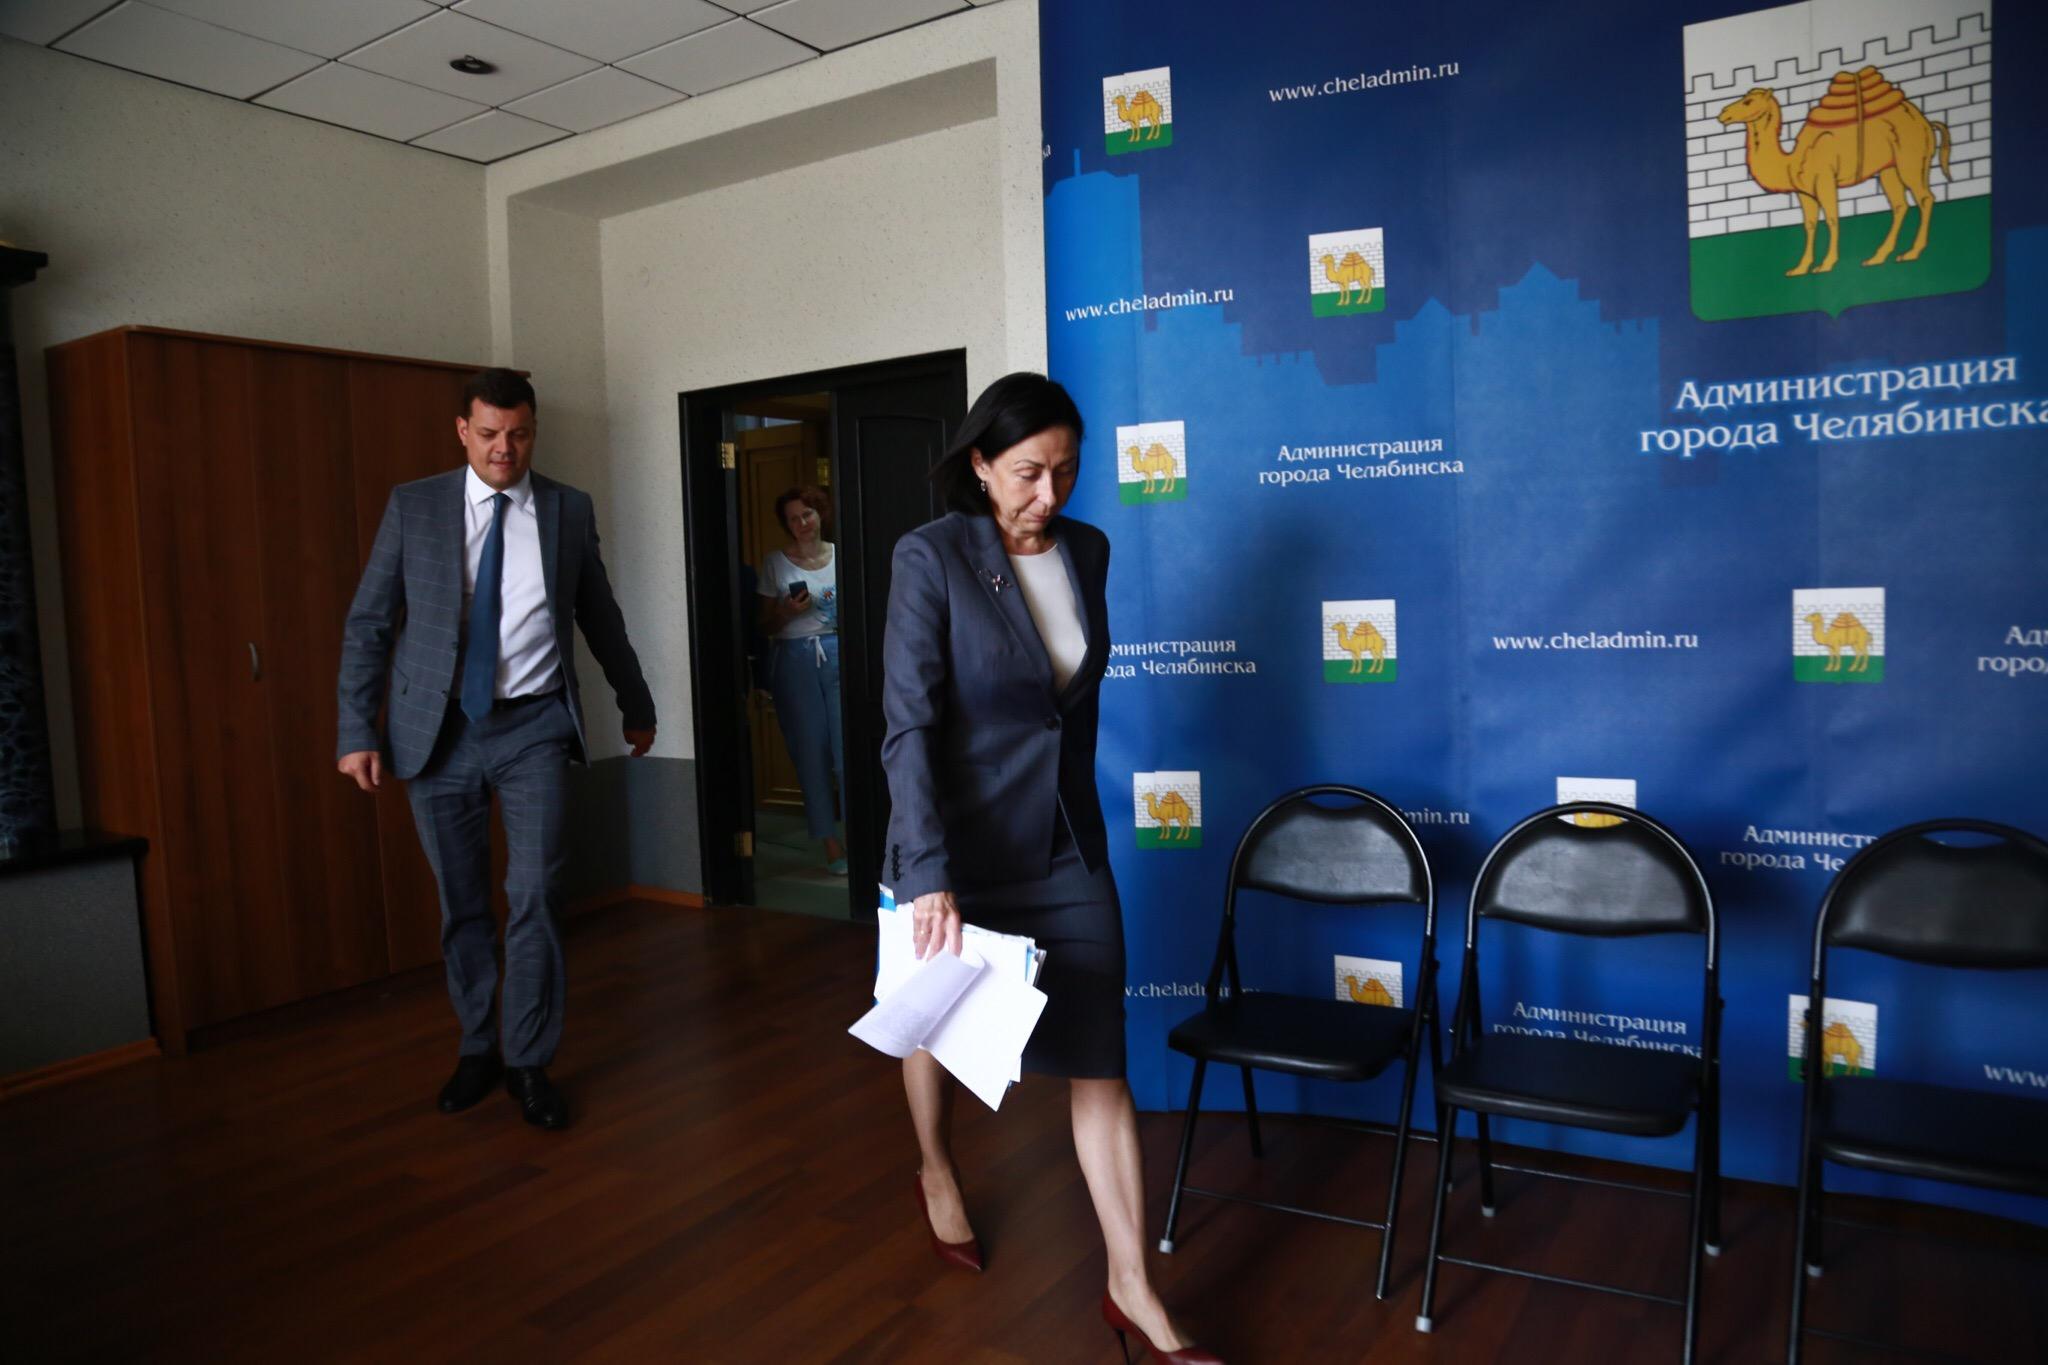 Первая в истории Челябинска женщина-мэр выбрала предельно деловой стиль одежды для первой пресс-конференции